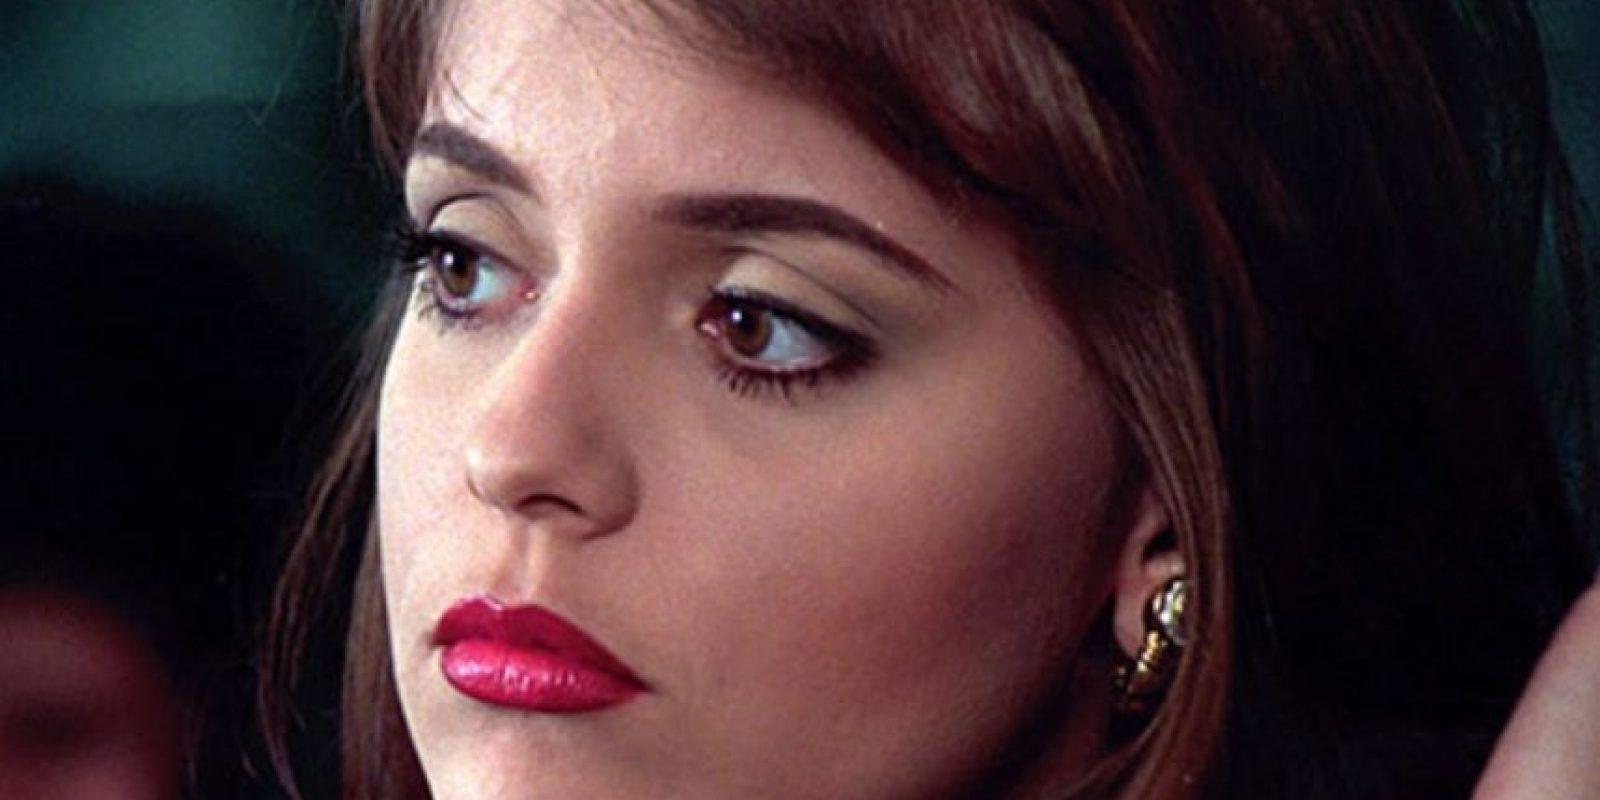 Spanic, si bien ha tenido otros registros interpretativos, no ha podido superar este papel. Foto:vía Televisa